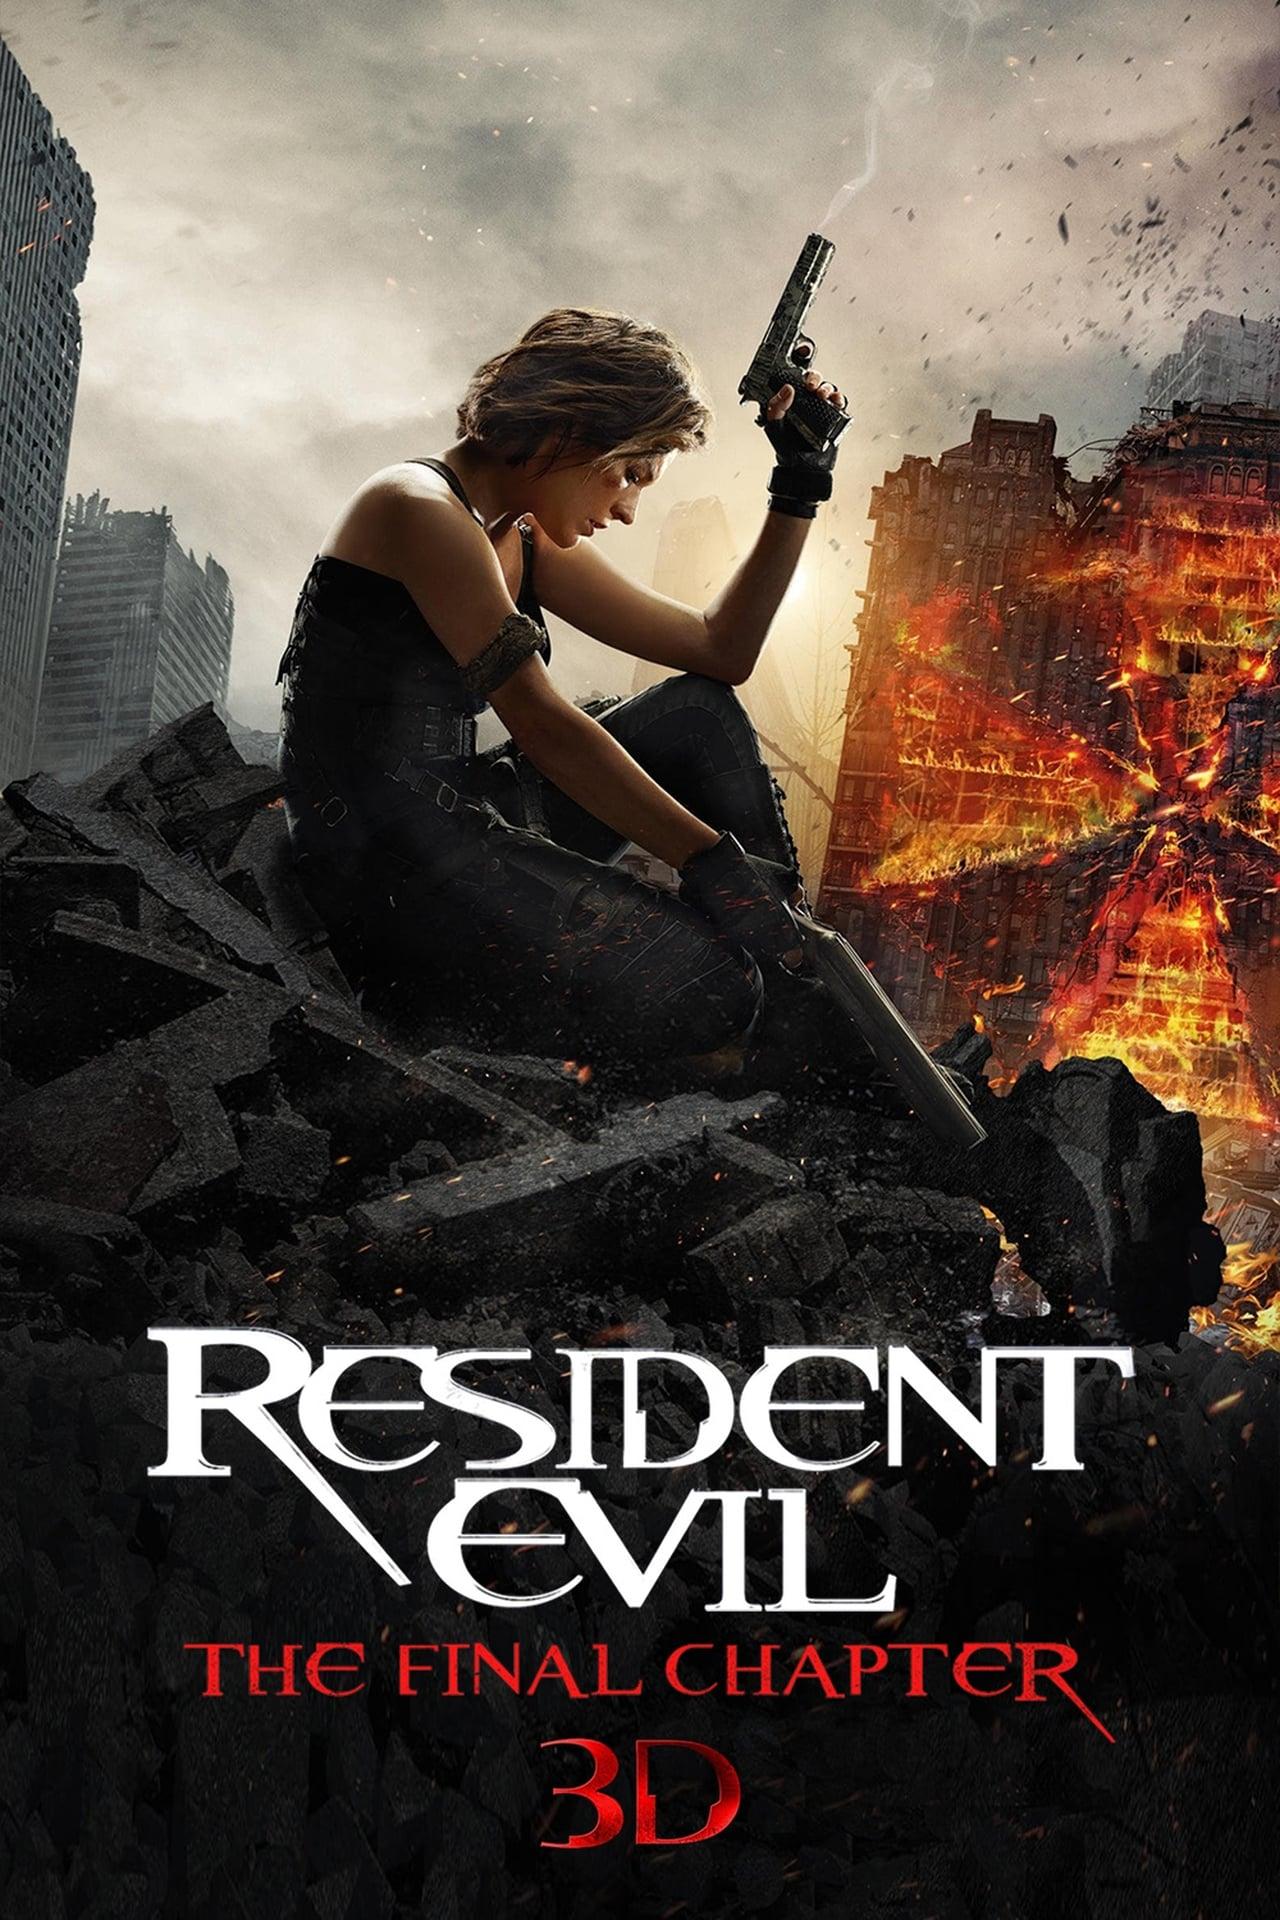 Resident Evil The Final